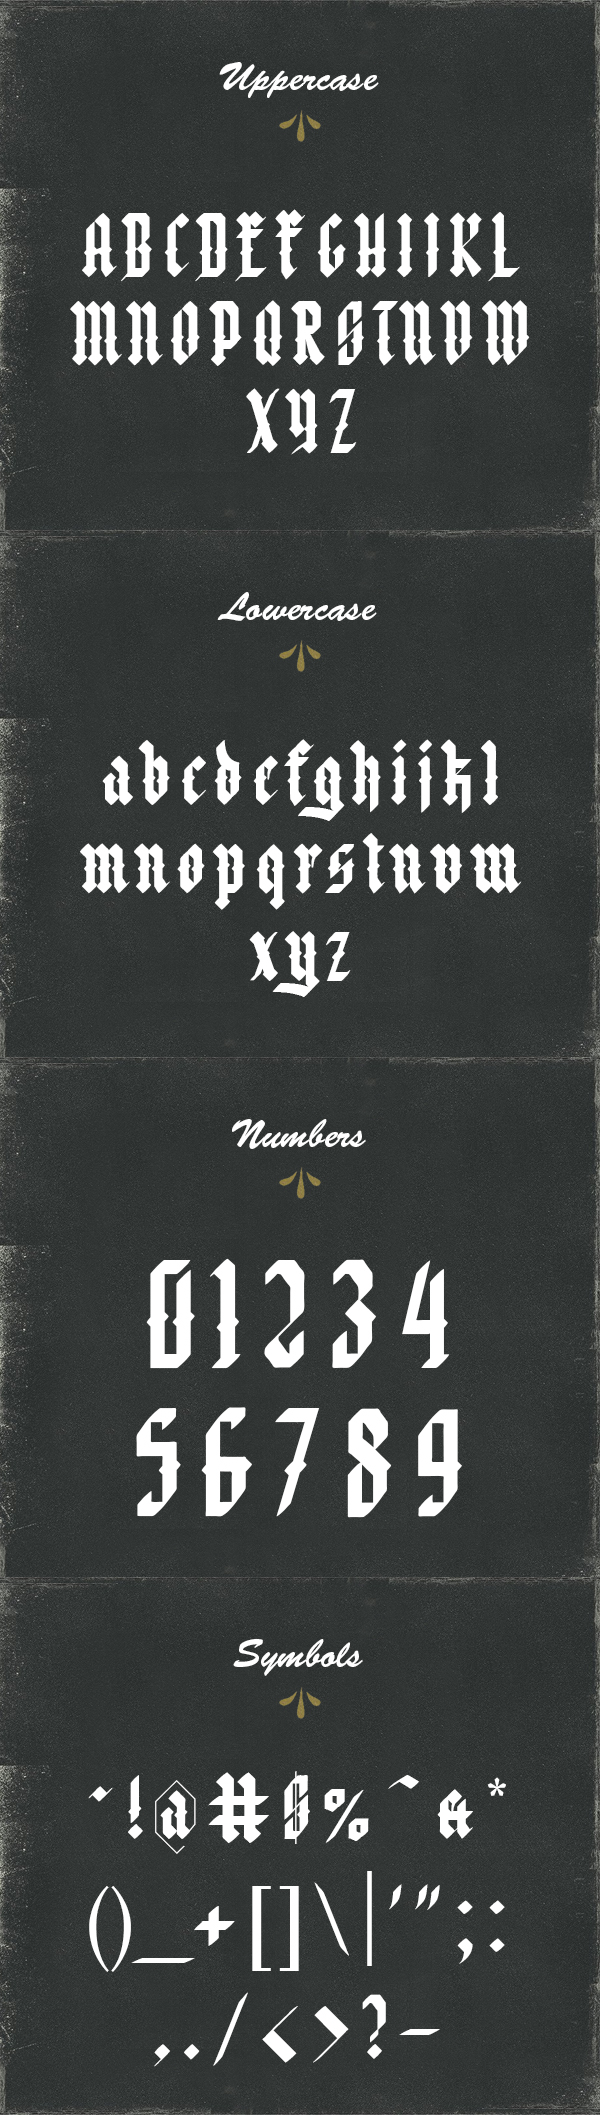 Font Negra Font Letters